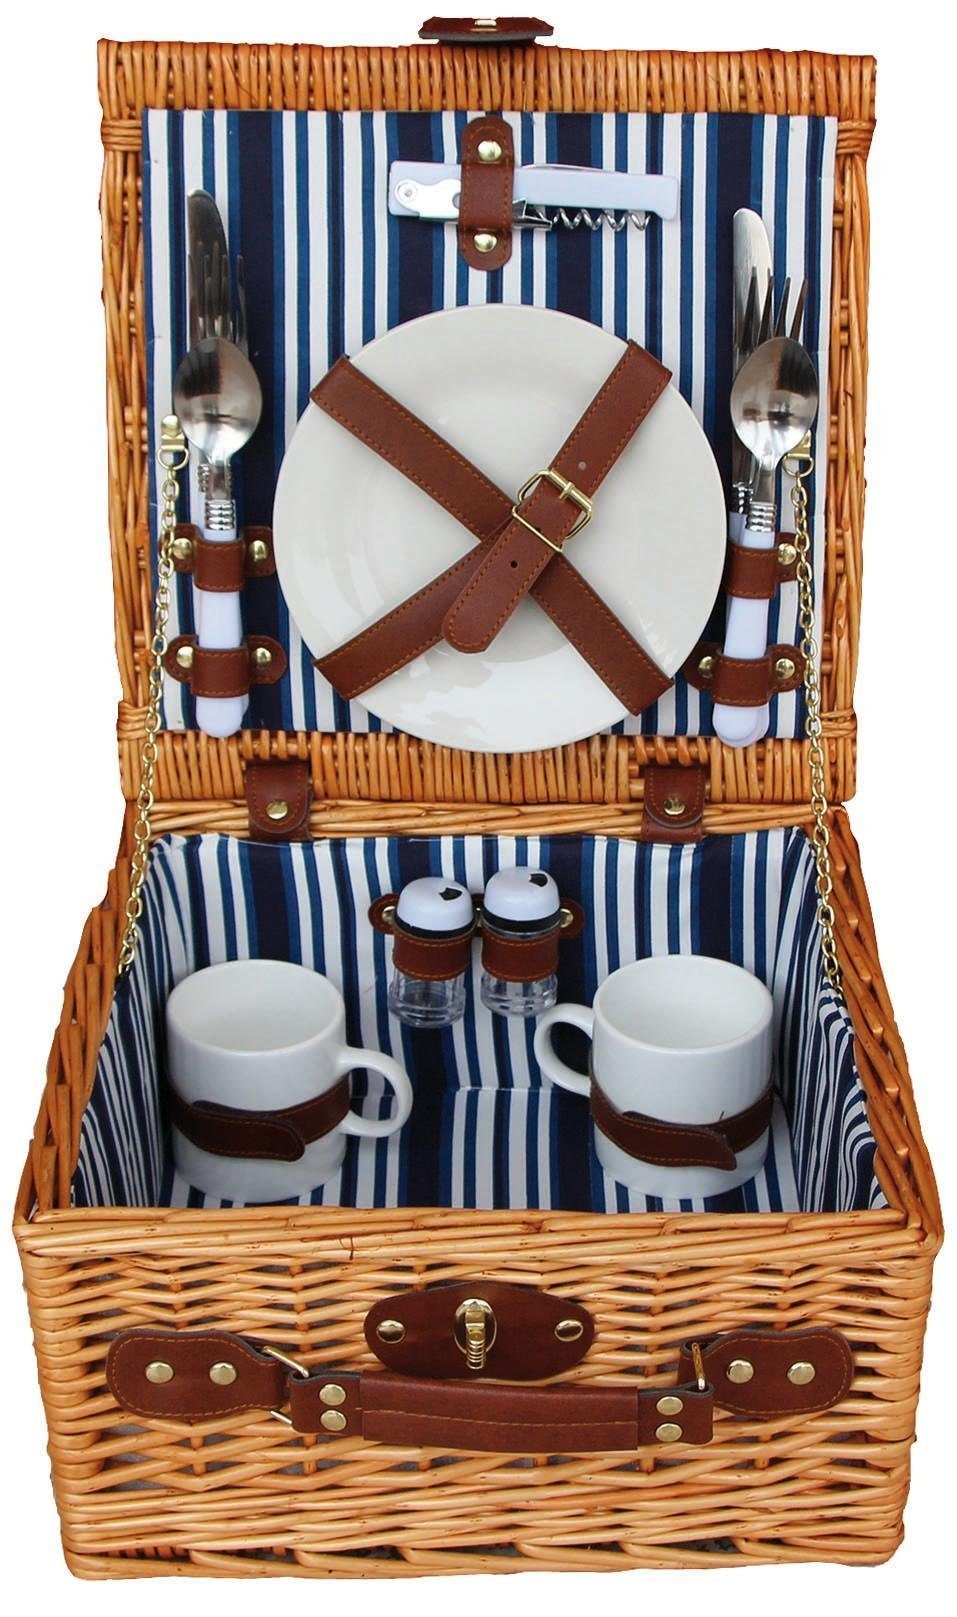 Home affaire Picknickkorb für 2 Personen